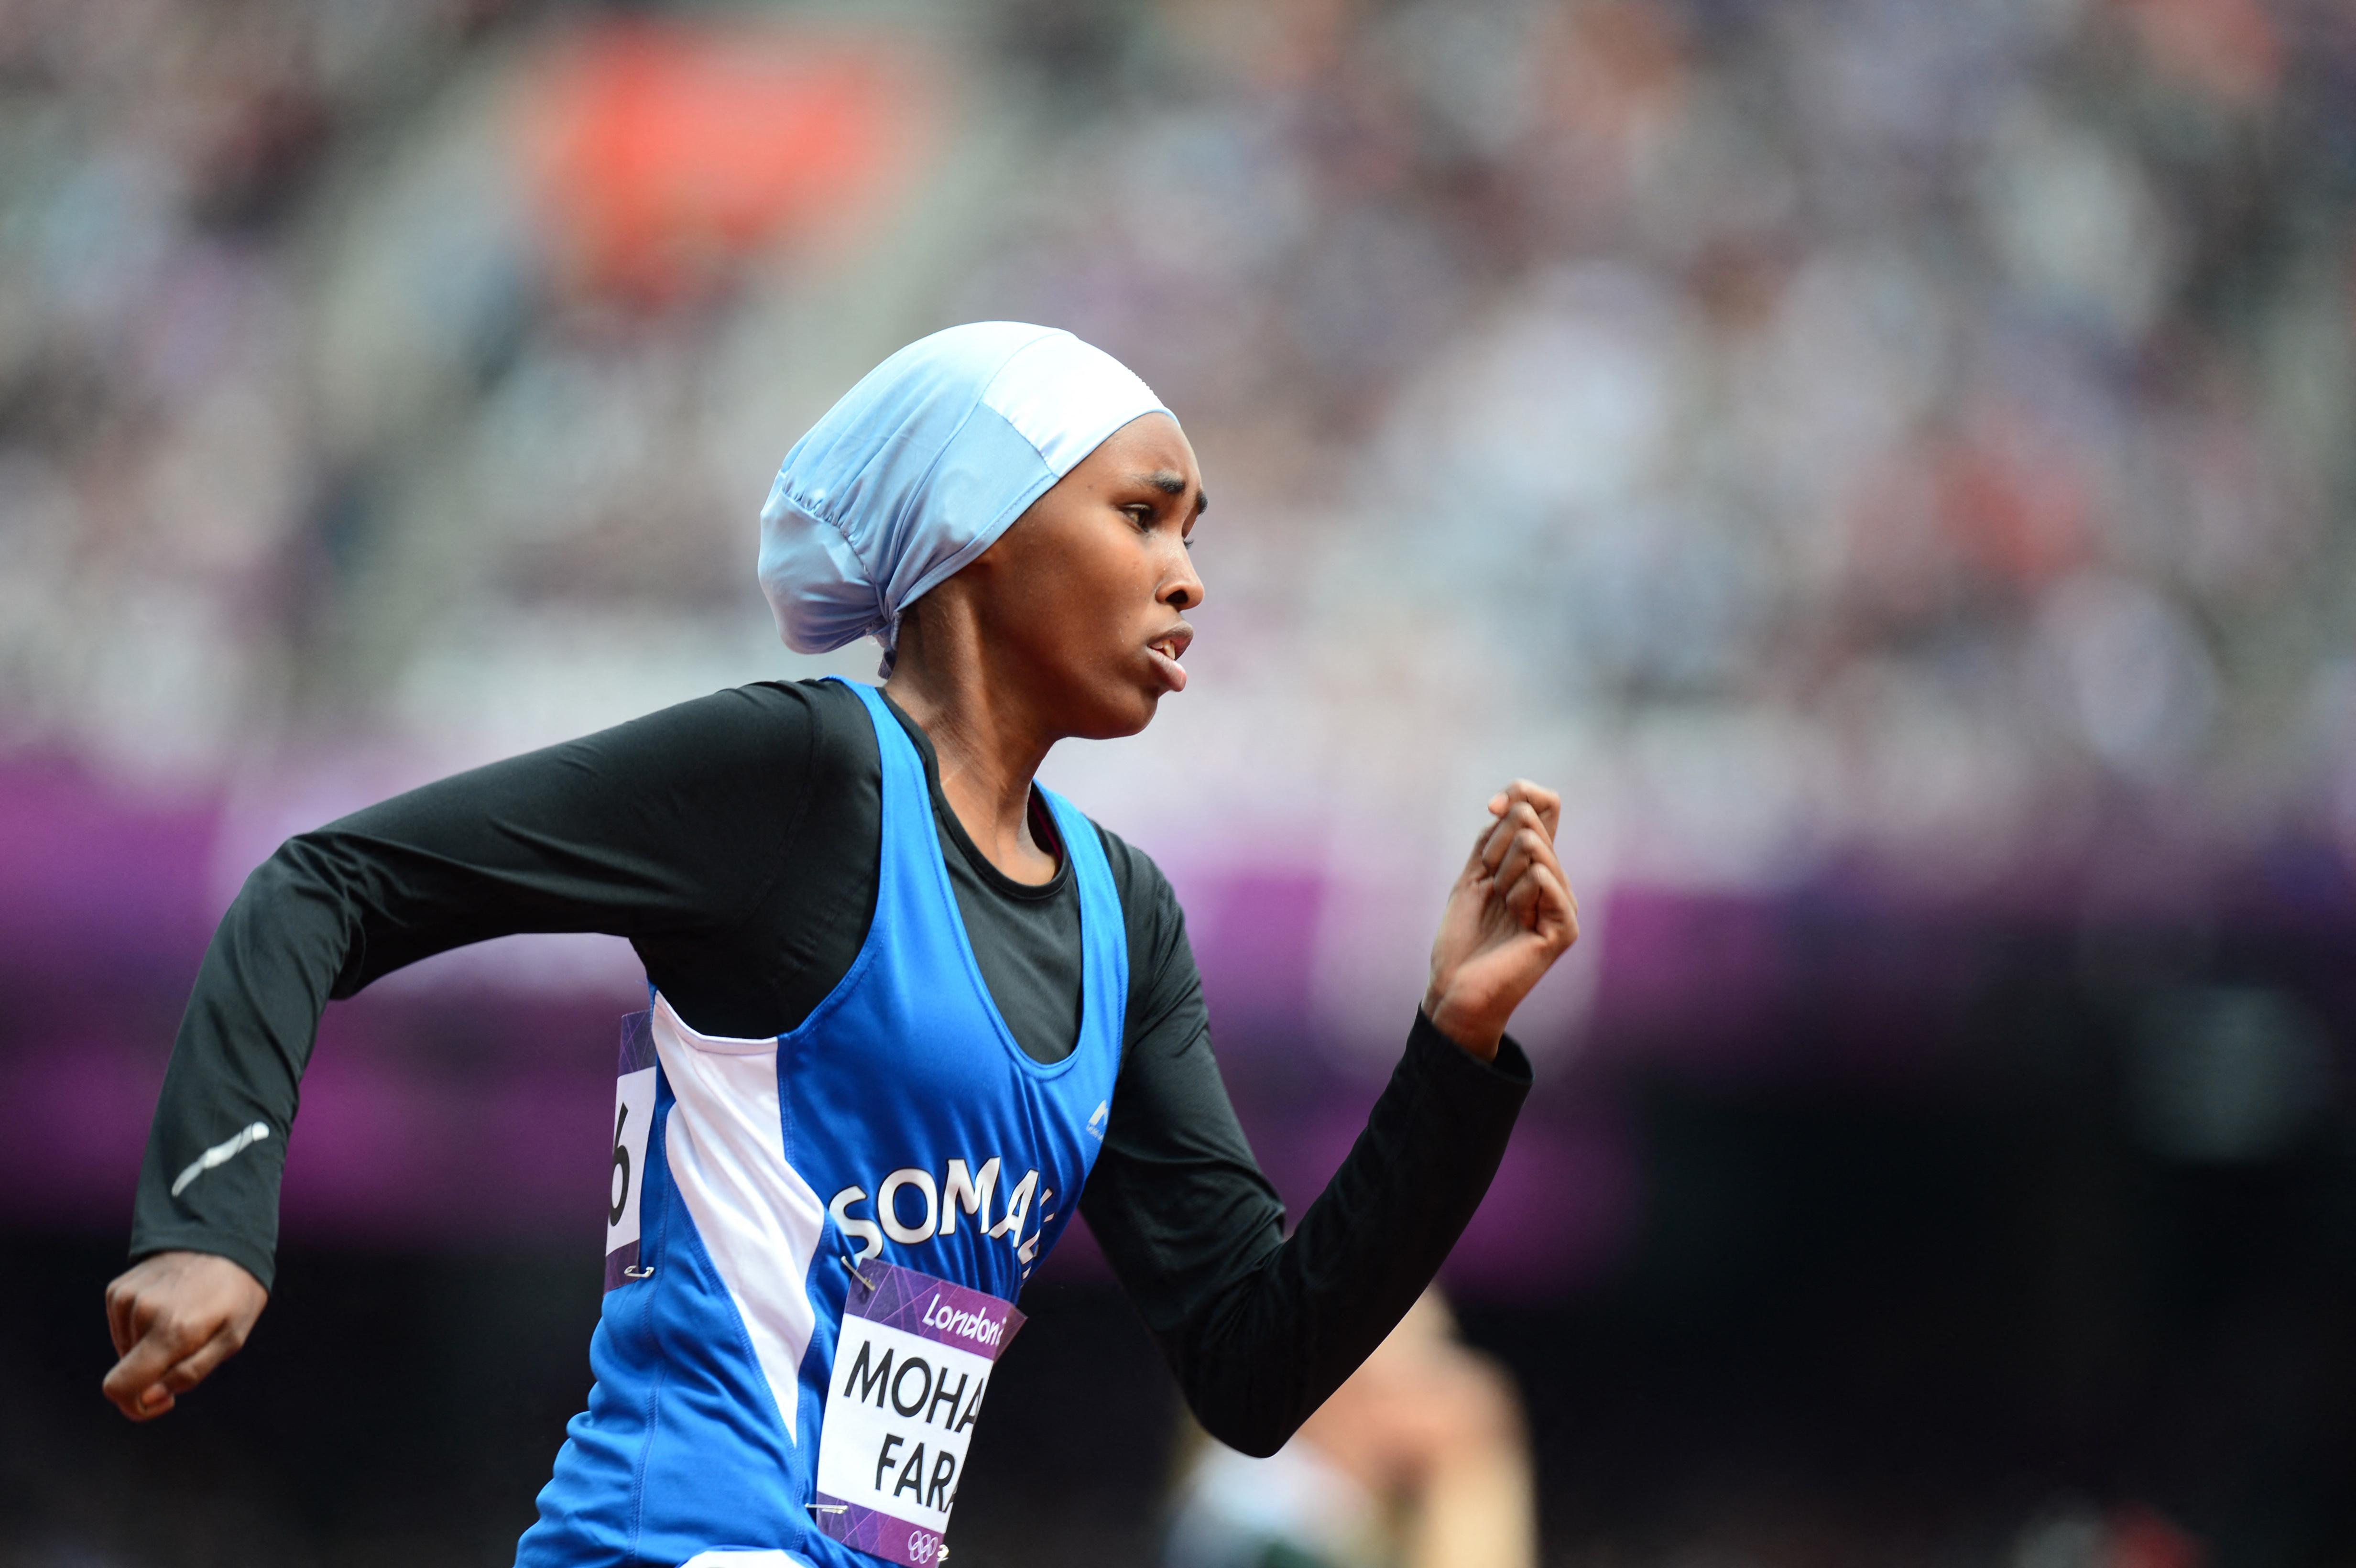 Akiknek az életét az olimpia máshogy változtatja meg